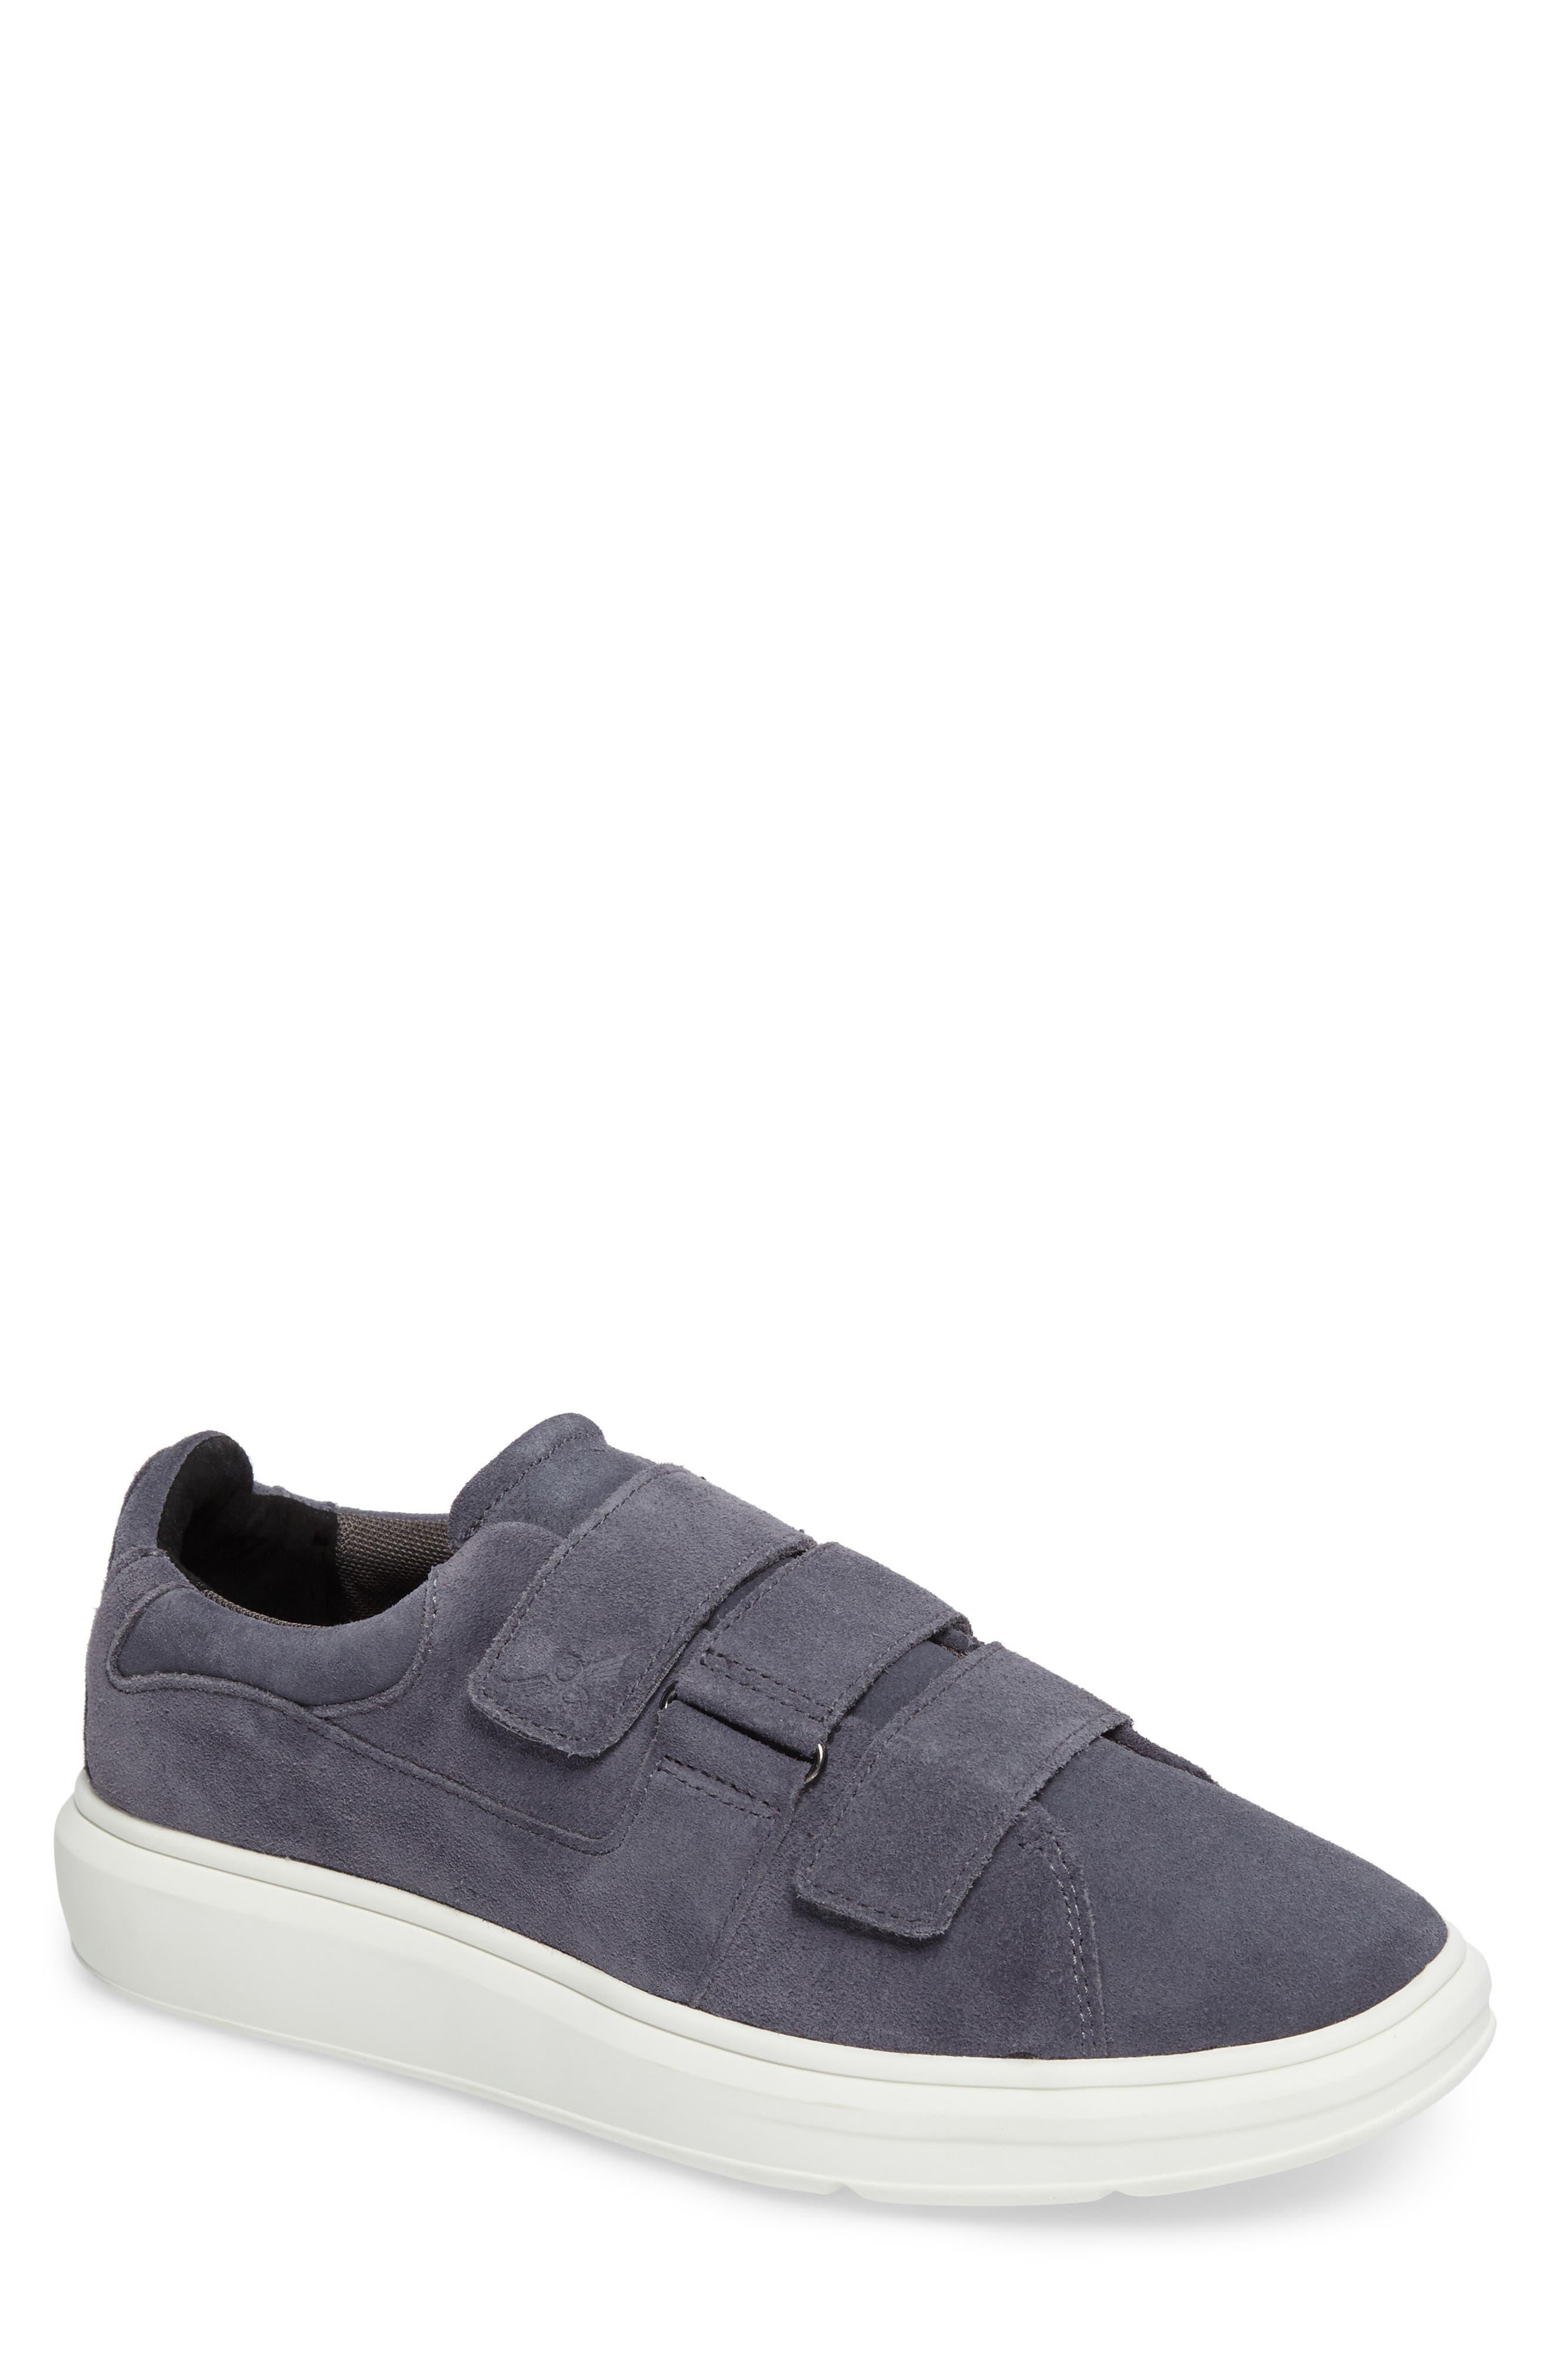 Creative Recreation Meleti Sneaker (Men)